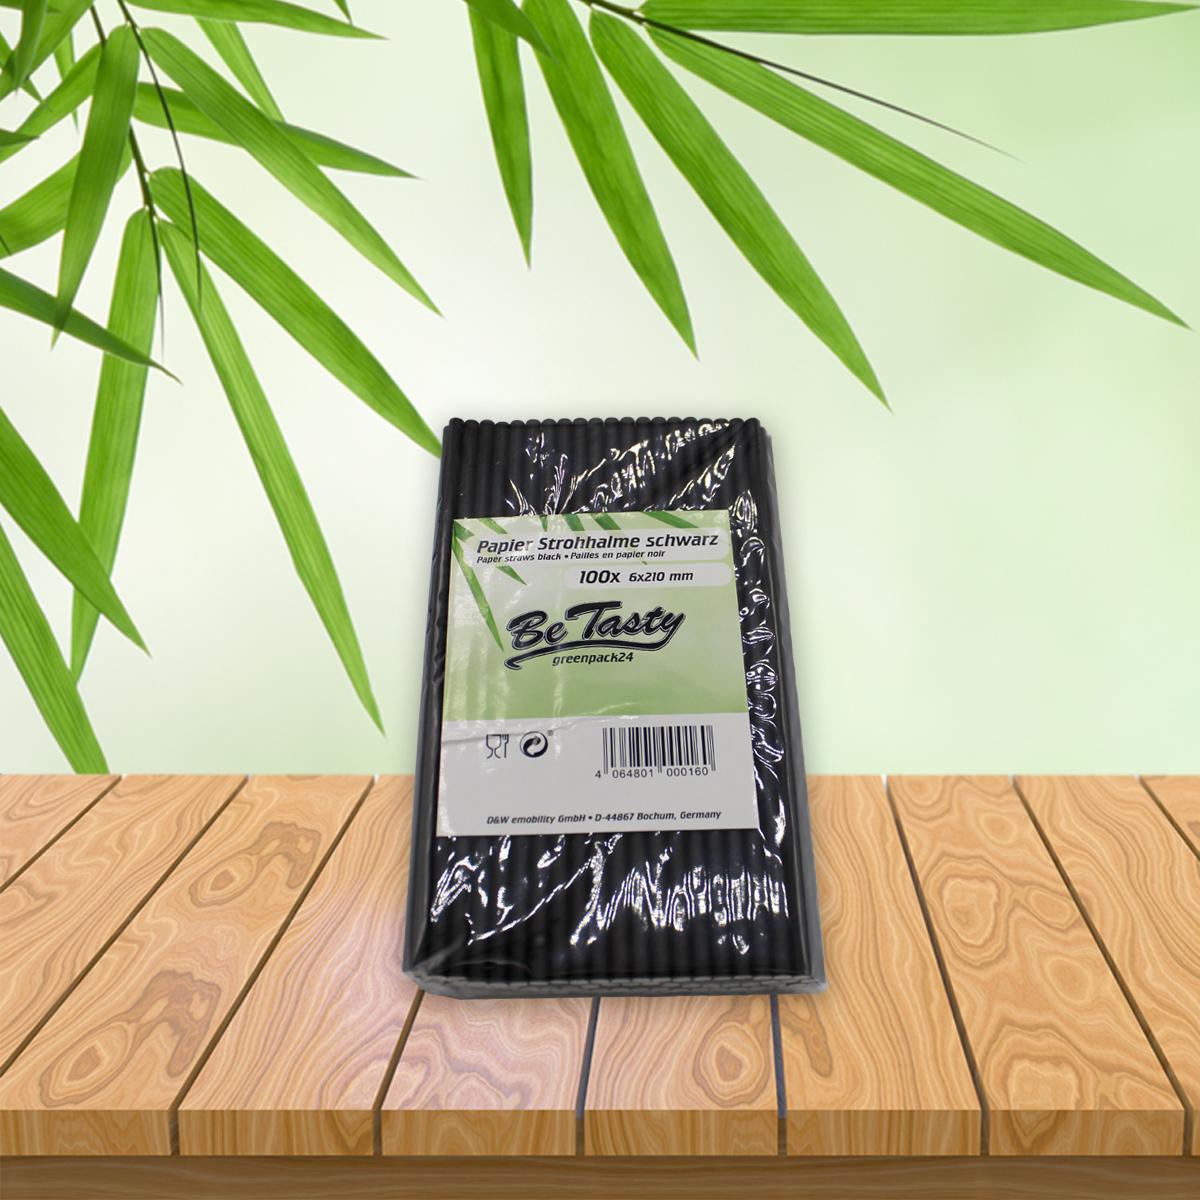 Be Tasty Papiertrinkhalme  schwarz 6x210mm 100 Stück